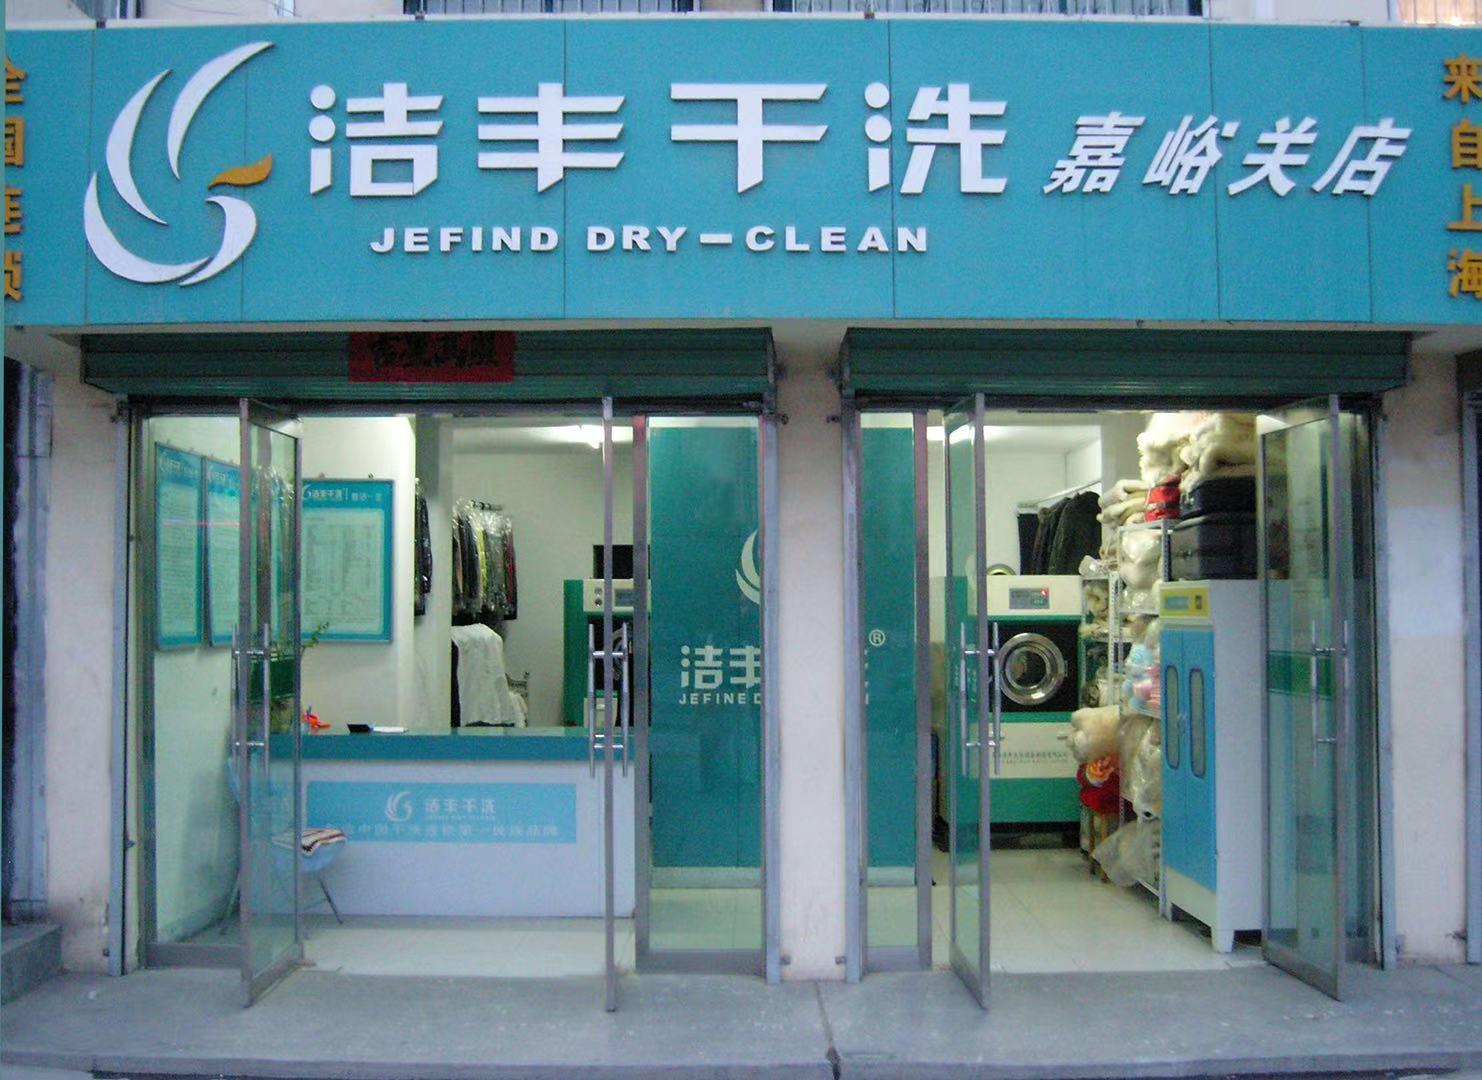 开干洗店影响投资成本的因素有哪方面